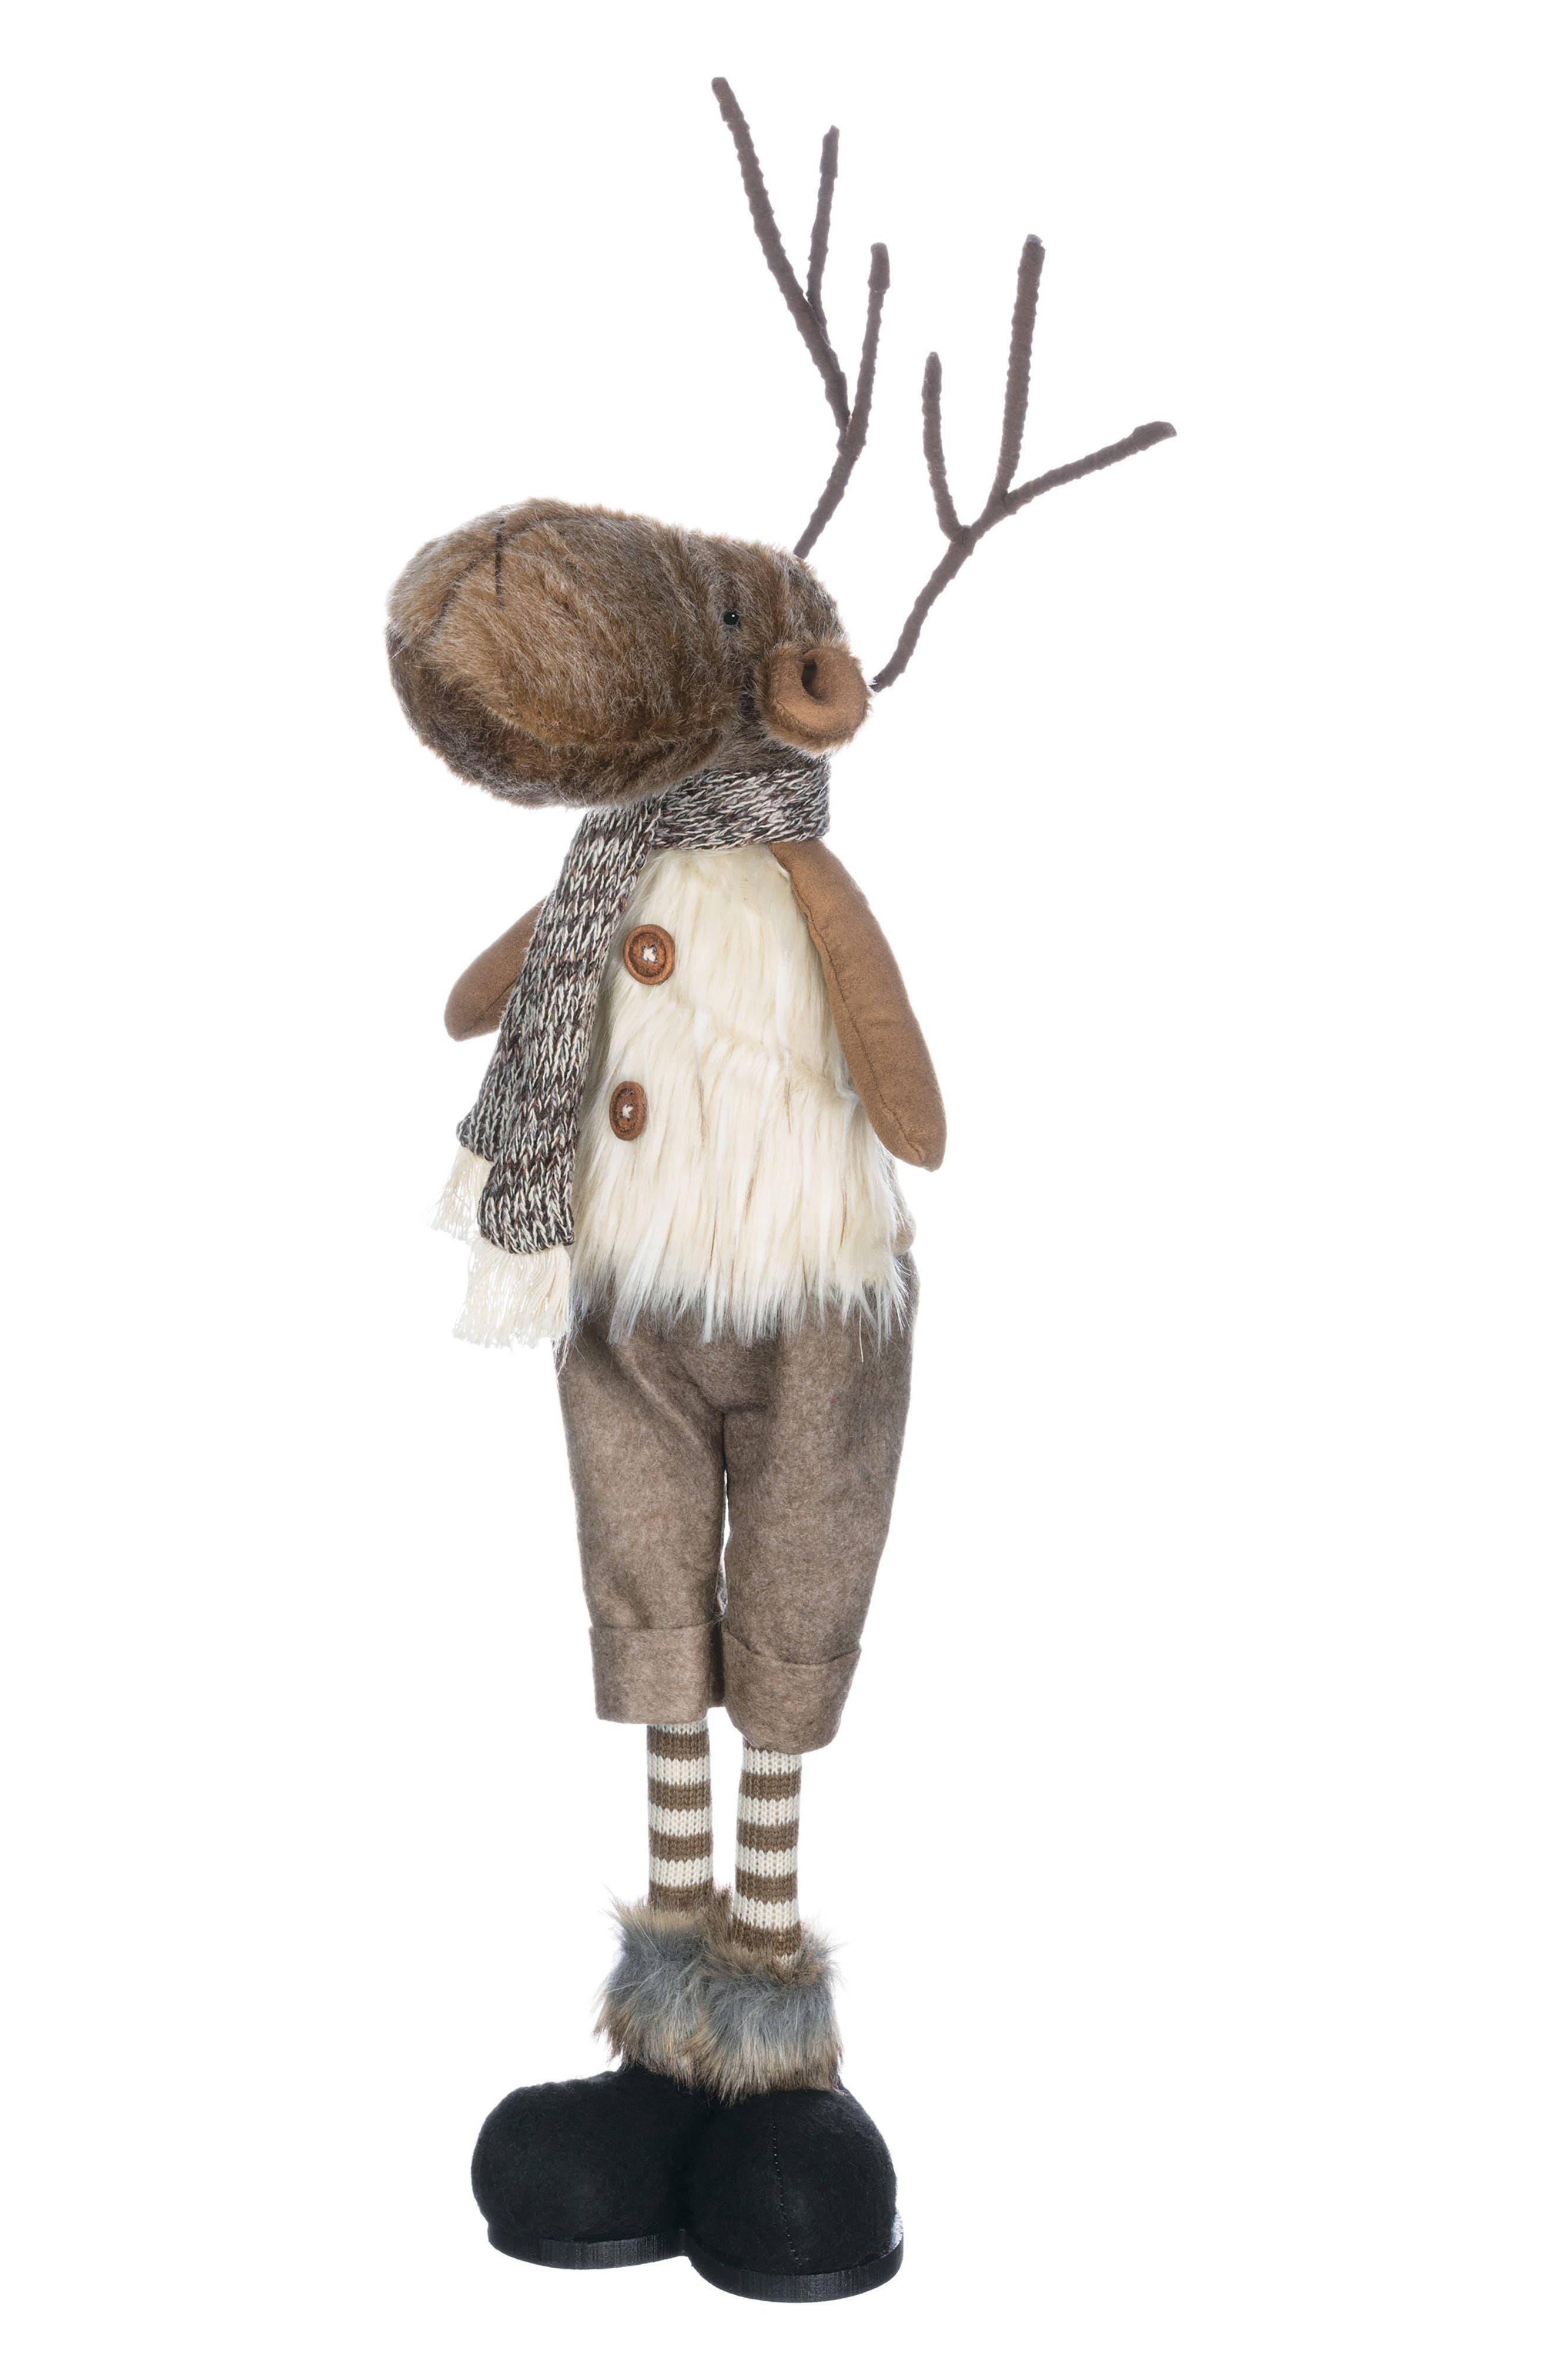 Alternate Image 1 Selected - Sullivans Reindeer Figurine